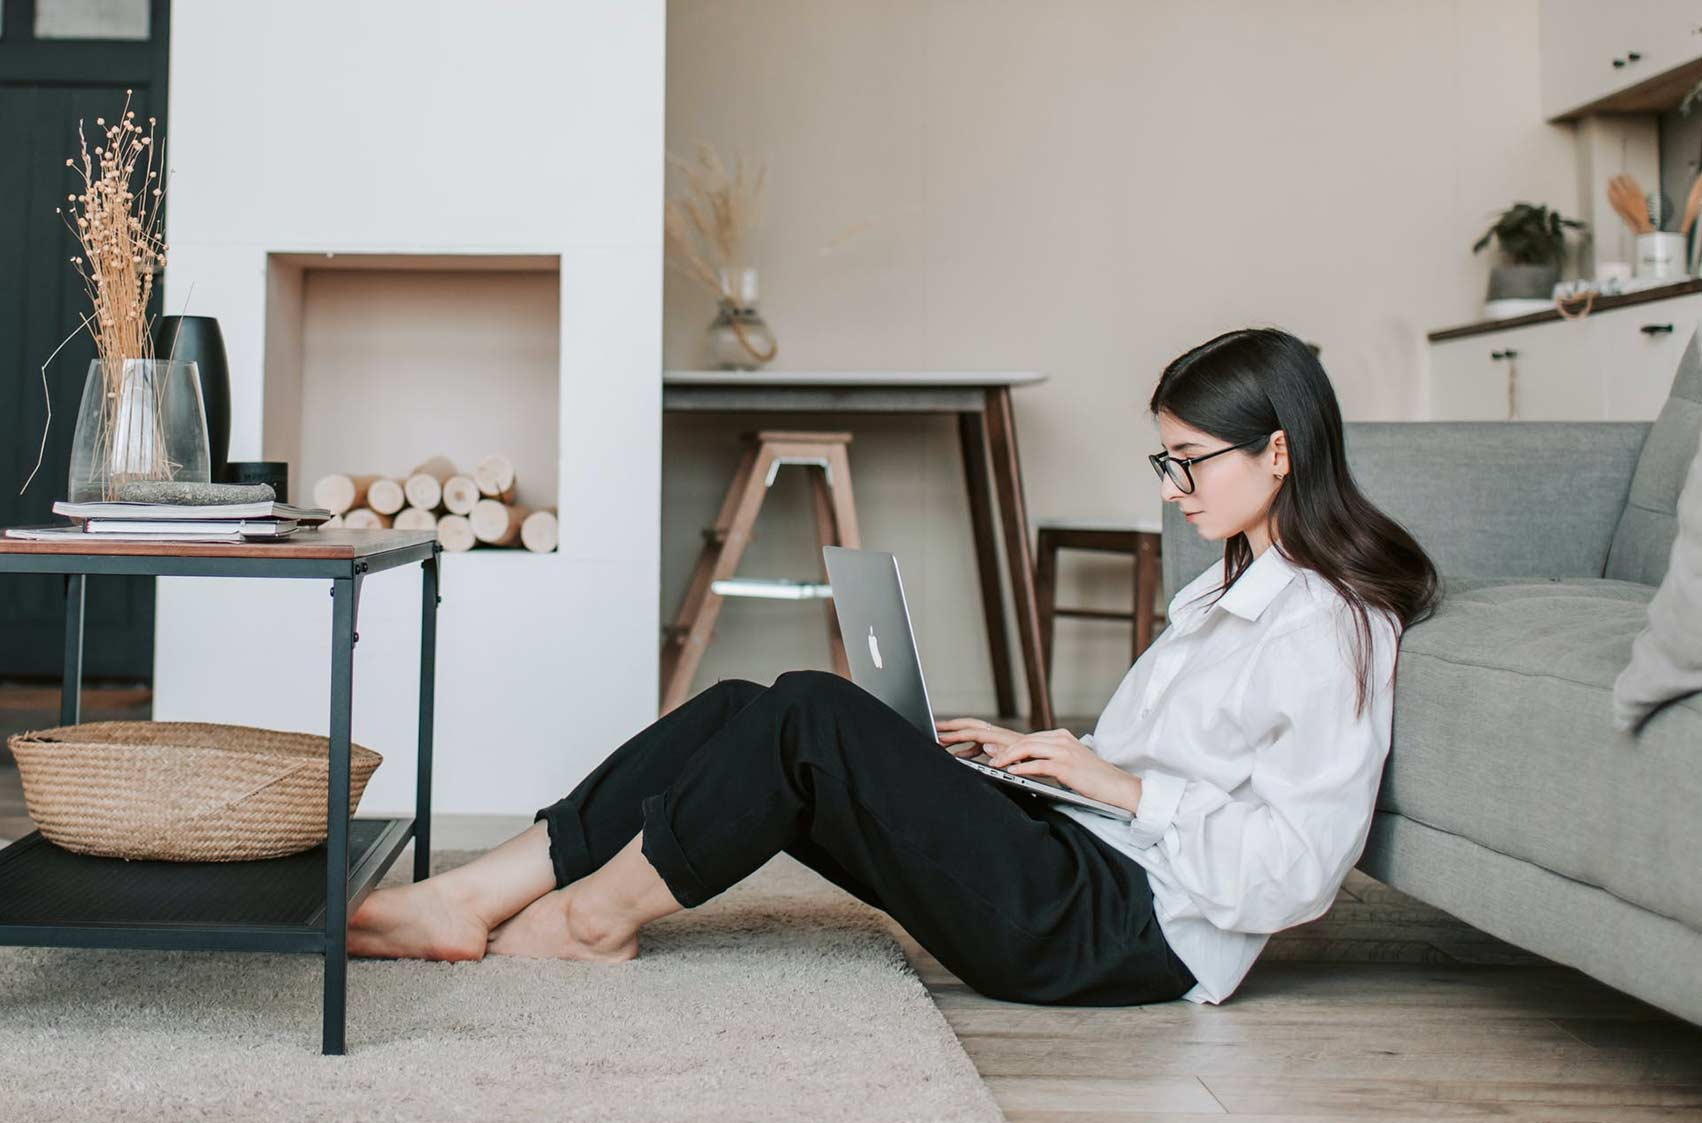 5 goda råd om ergonomi på jobbet och i hemmakontoret